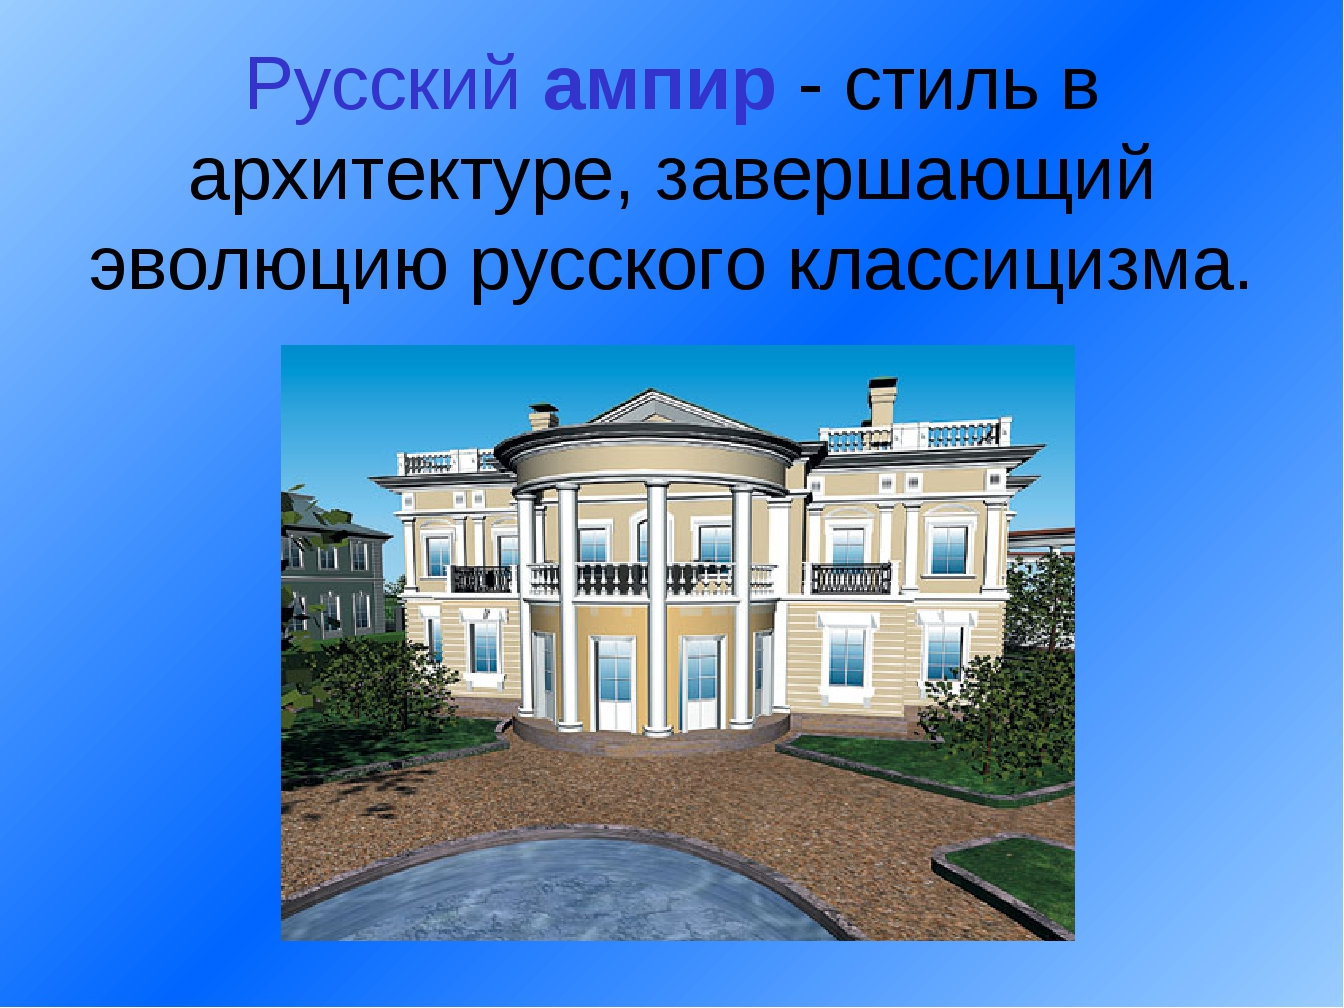 Русский ампир - стиль в архитектуре, завершающий эволюцию русского классициз...